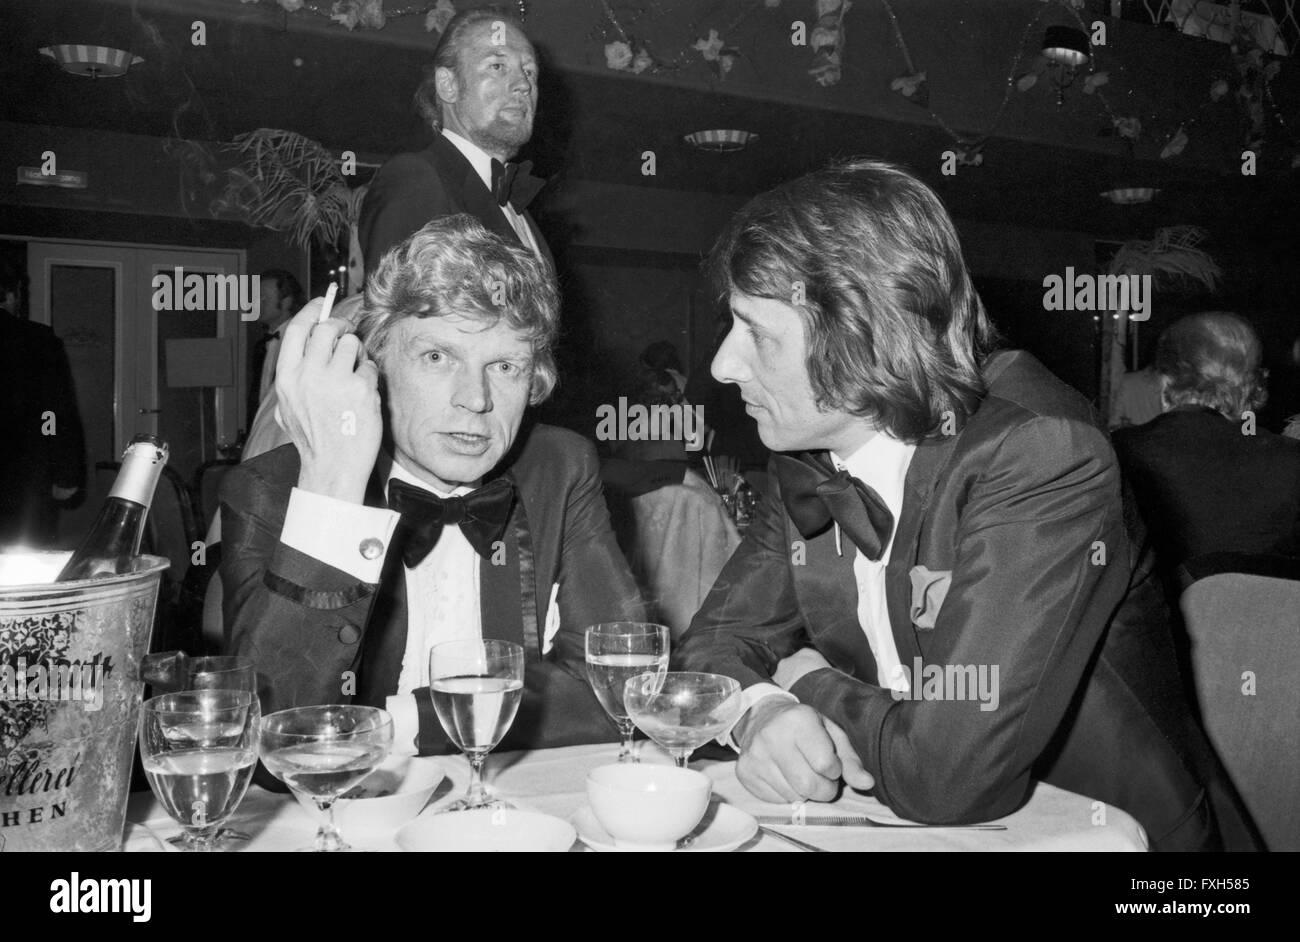 Schauspieler Hardy Krüger (Links) Mit Sänger Udo Jürgens Beim SPIO Filmball in München 1976, Stockbild